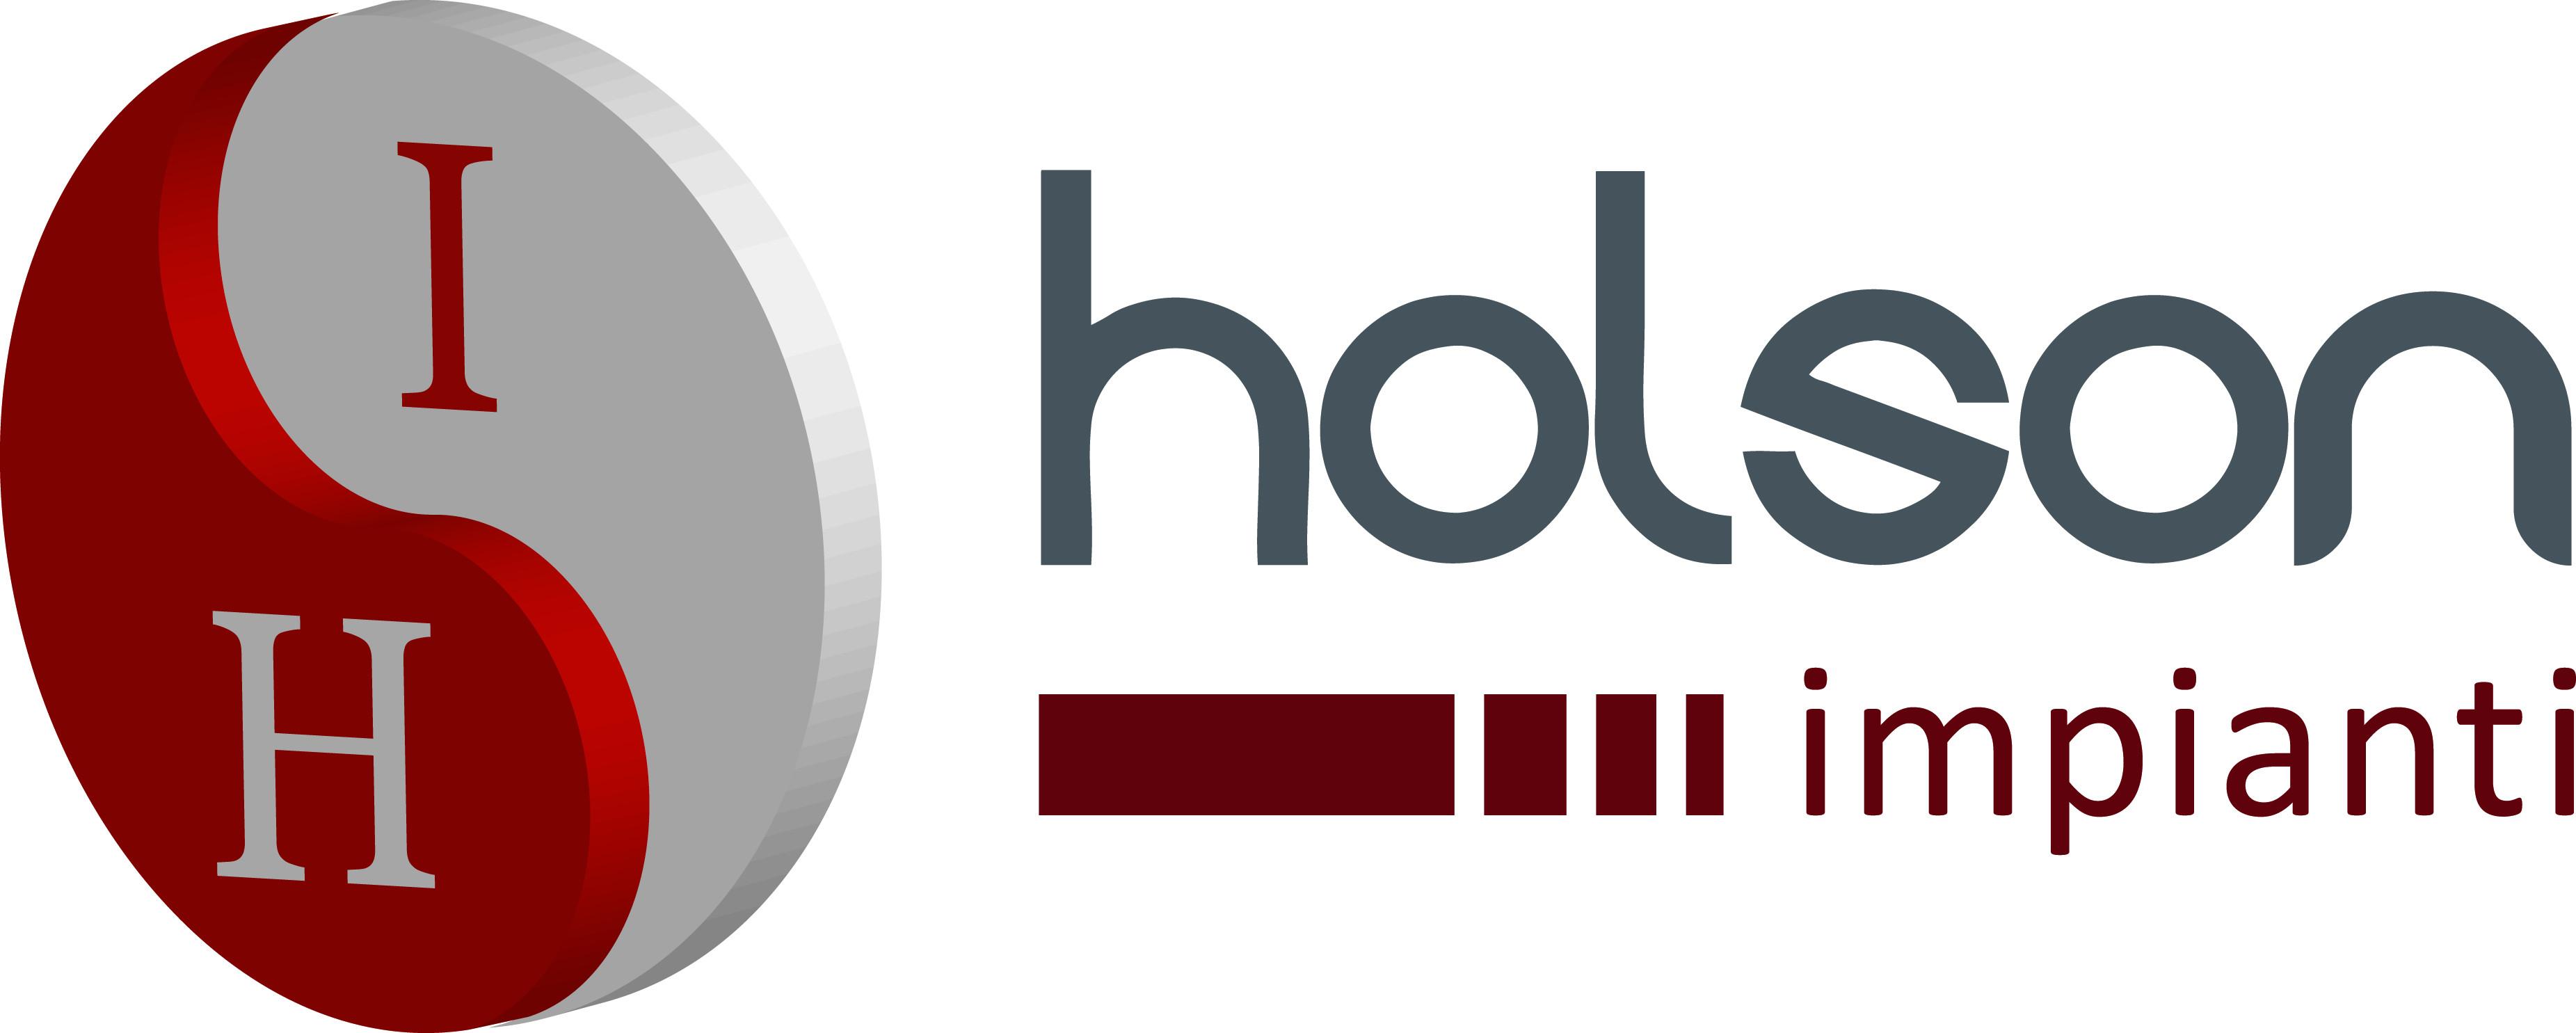 Holson Impianti